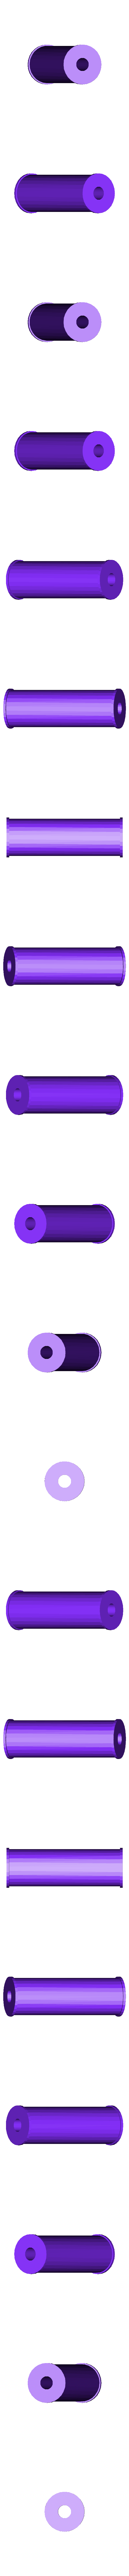 NCS_Spool_insert.stl Télécharger fichier STL gratuit Insert de bobine NCS de 31 mm de diamètre • Modèle imprimable en 3D, trentjw